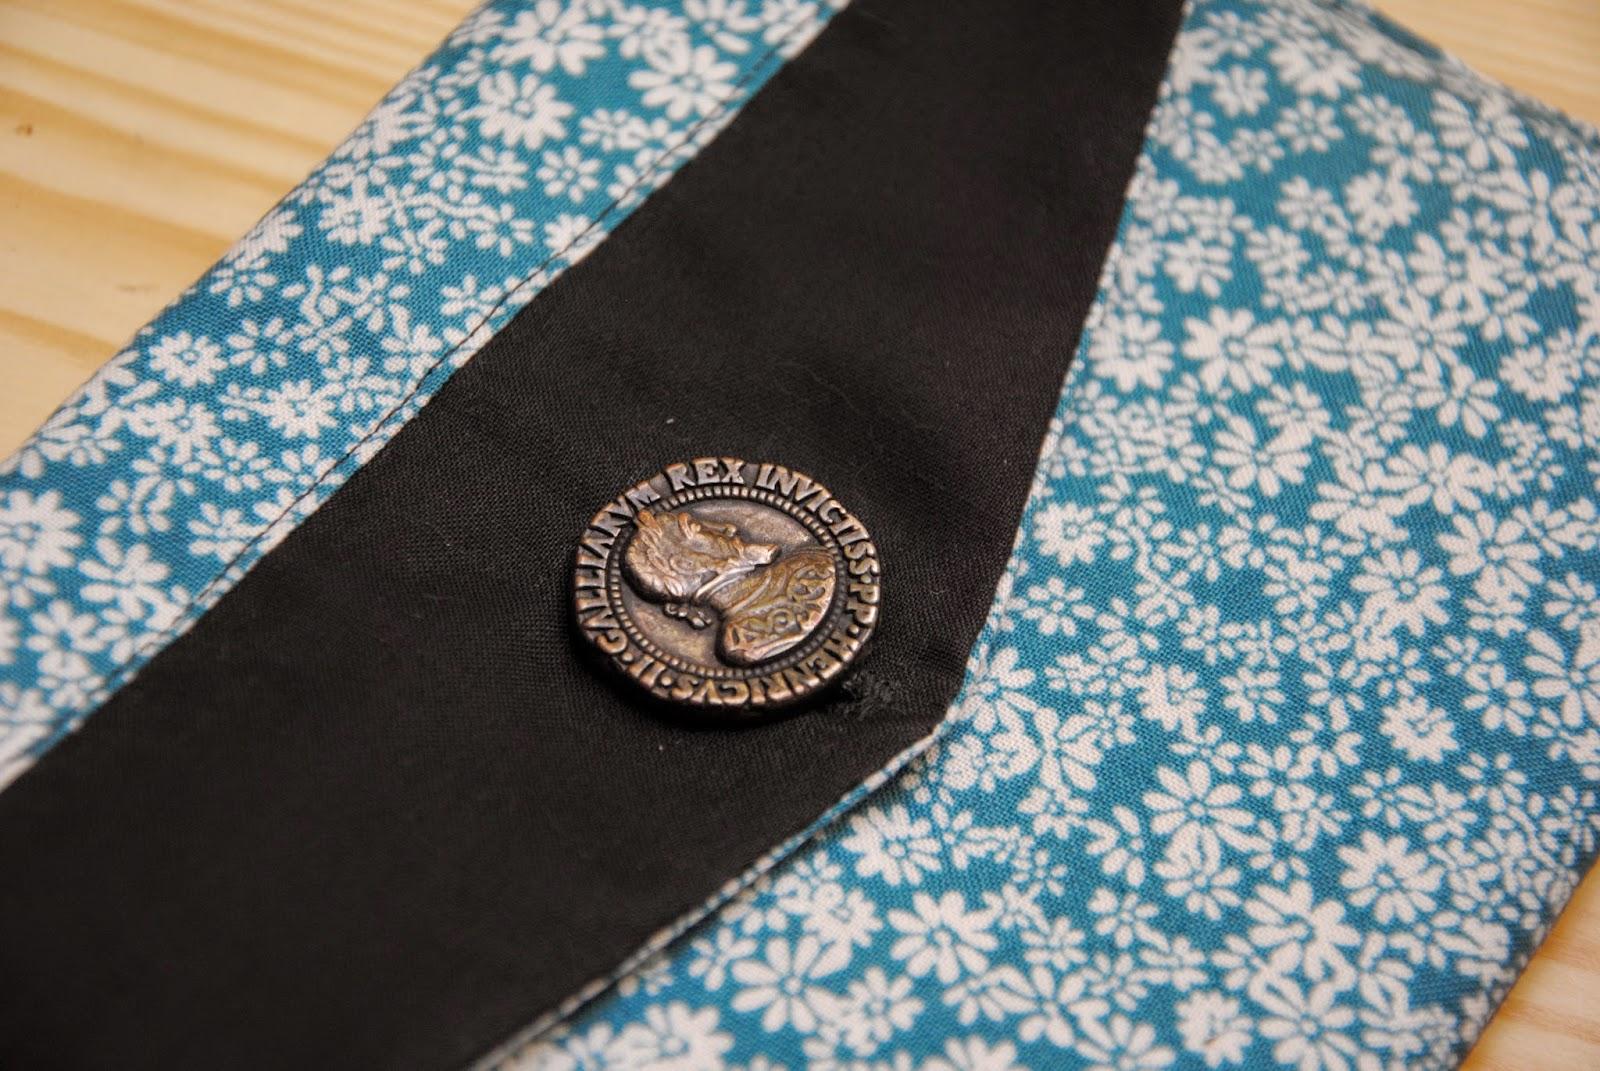 DIY pochette couture